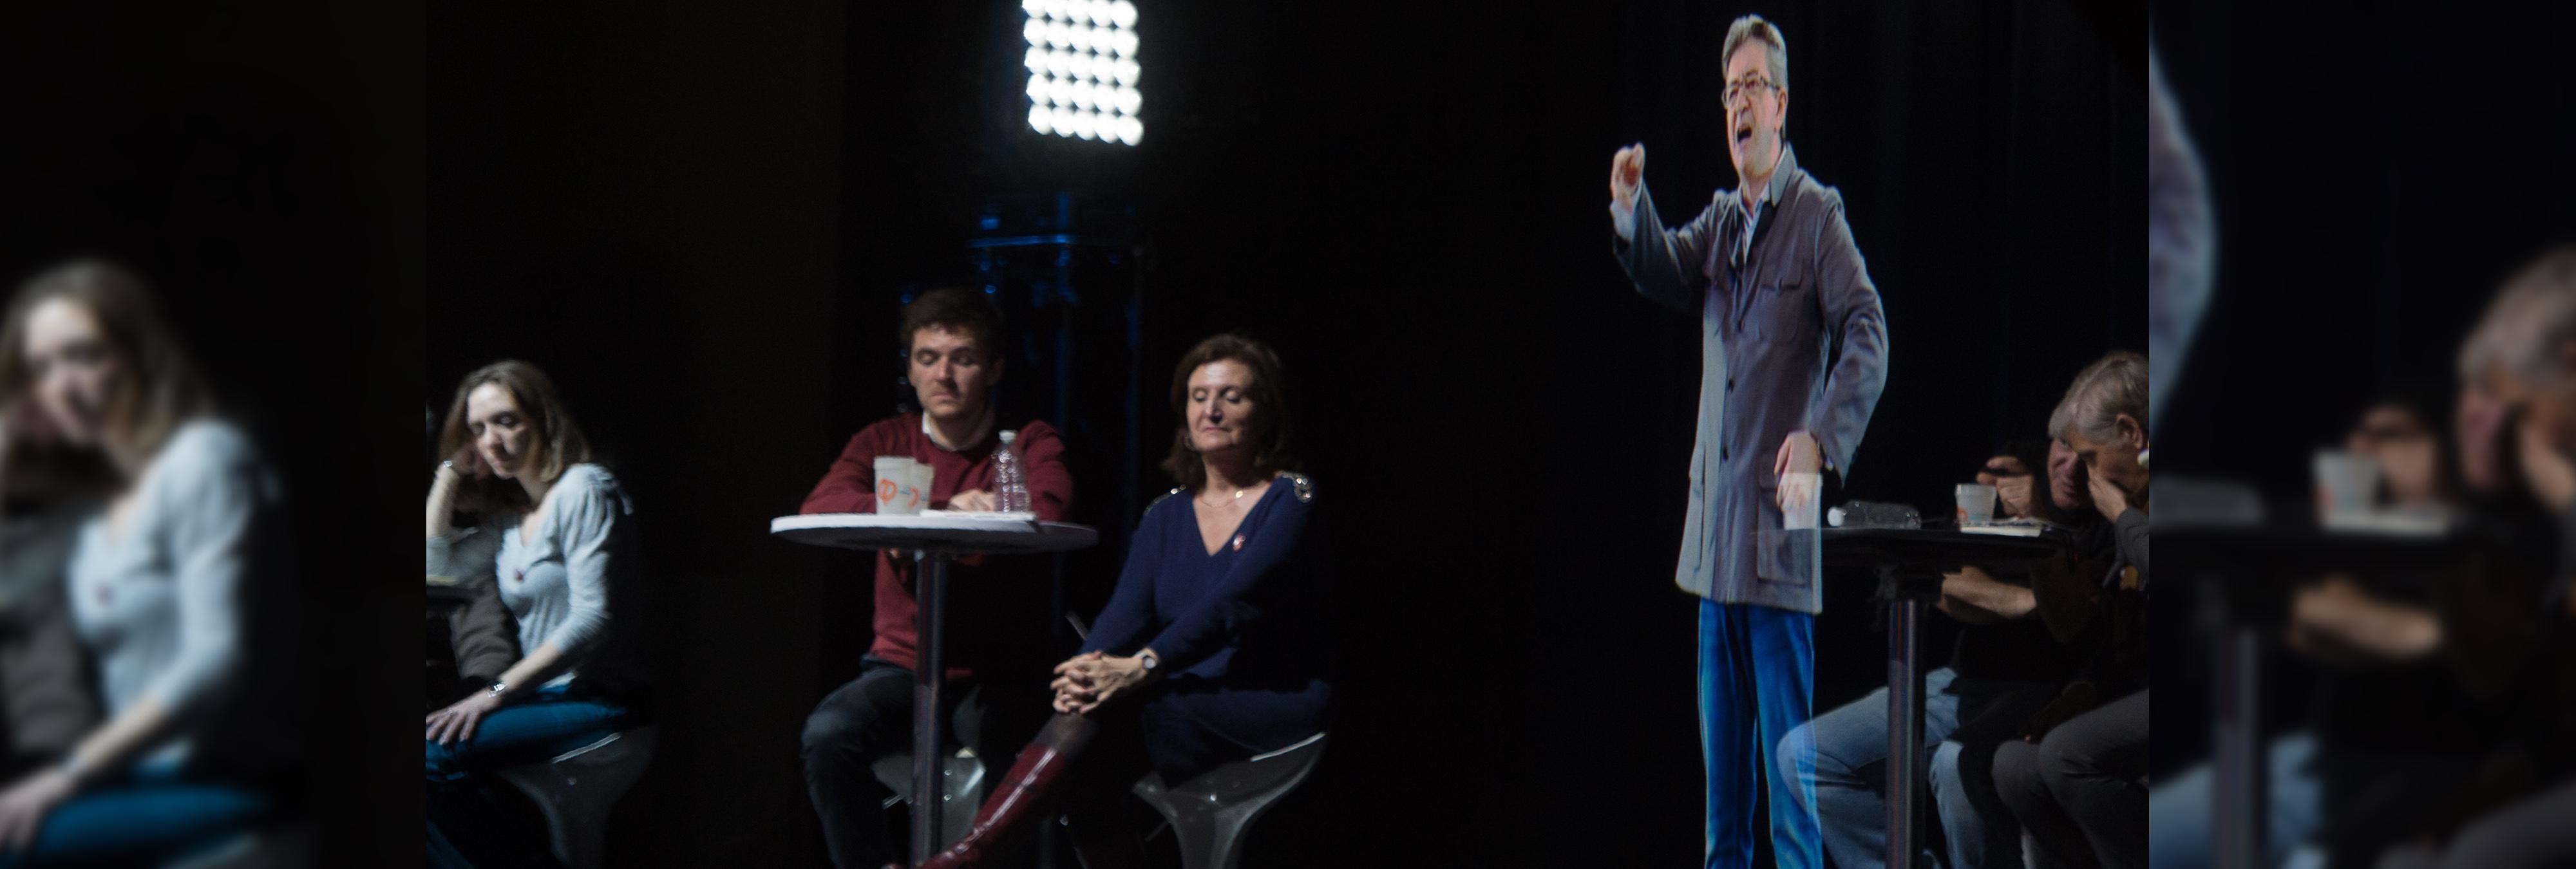 Los mítines por holograma llegan a la política francesa